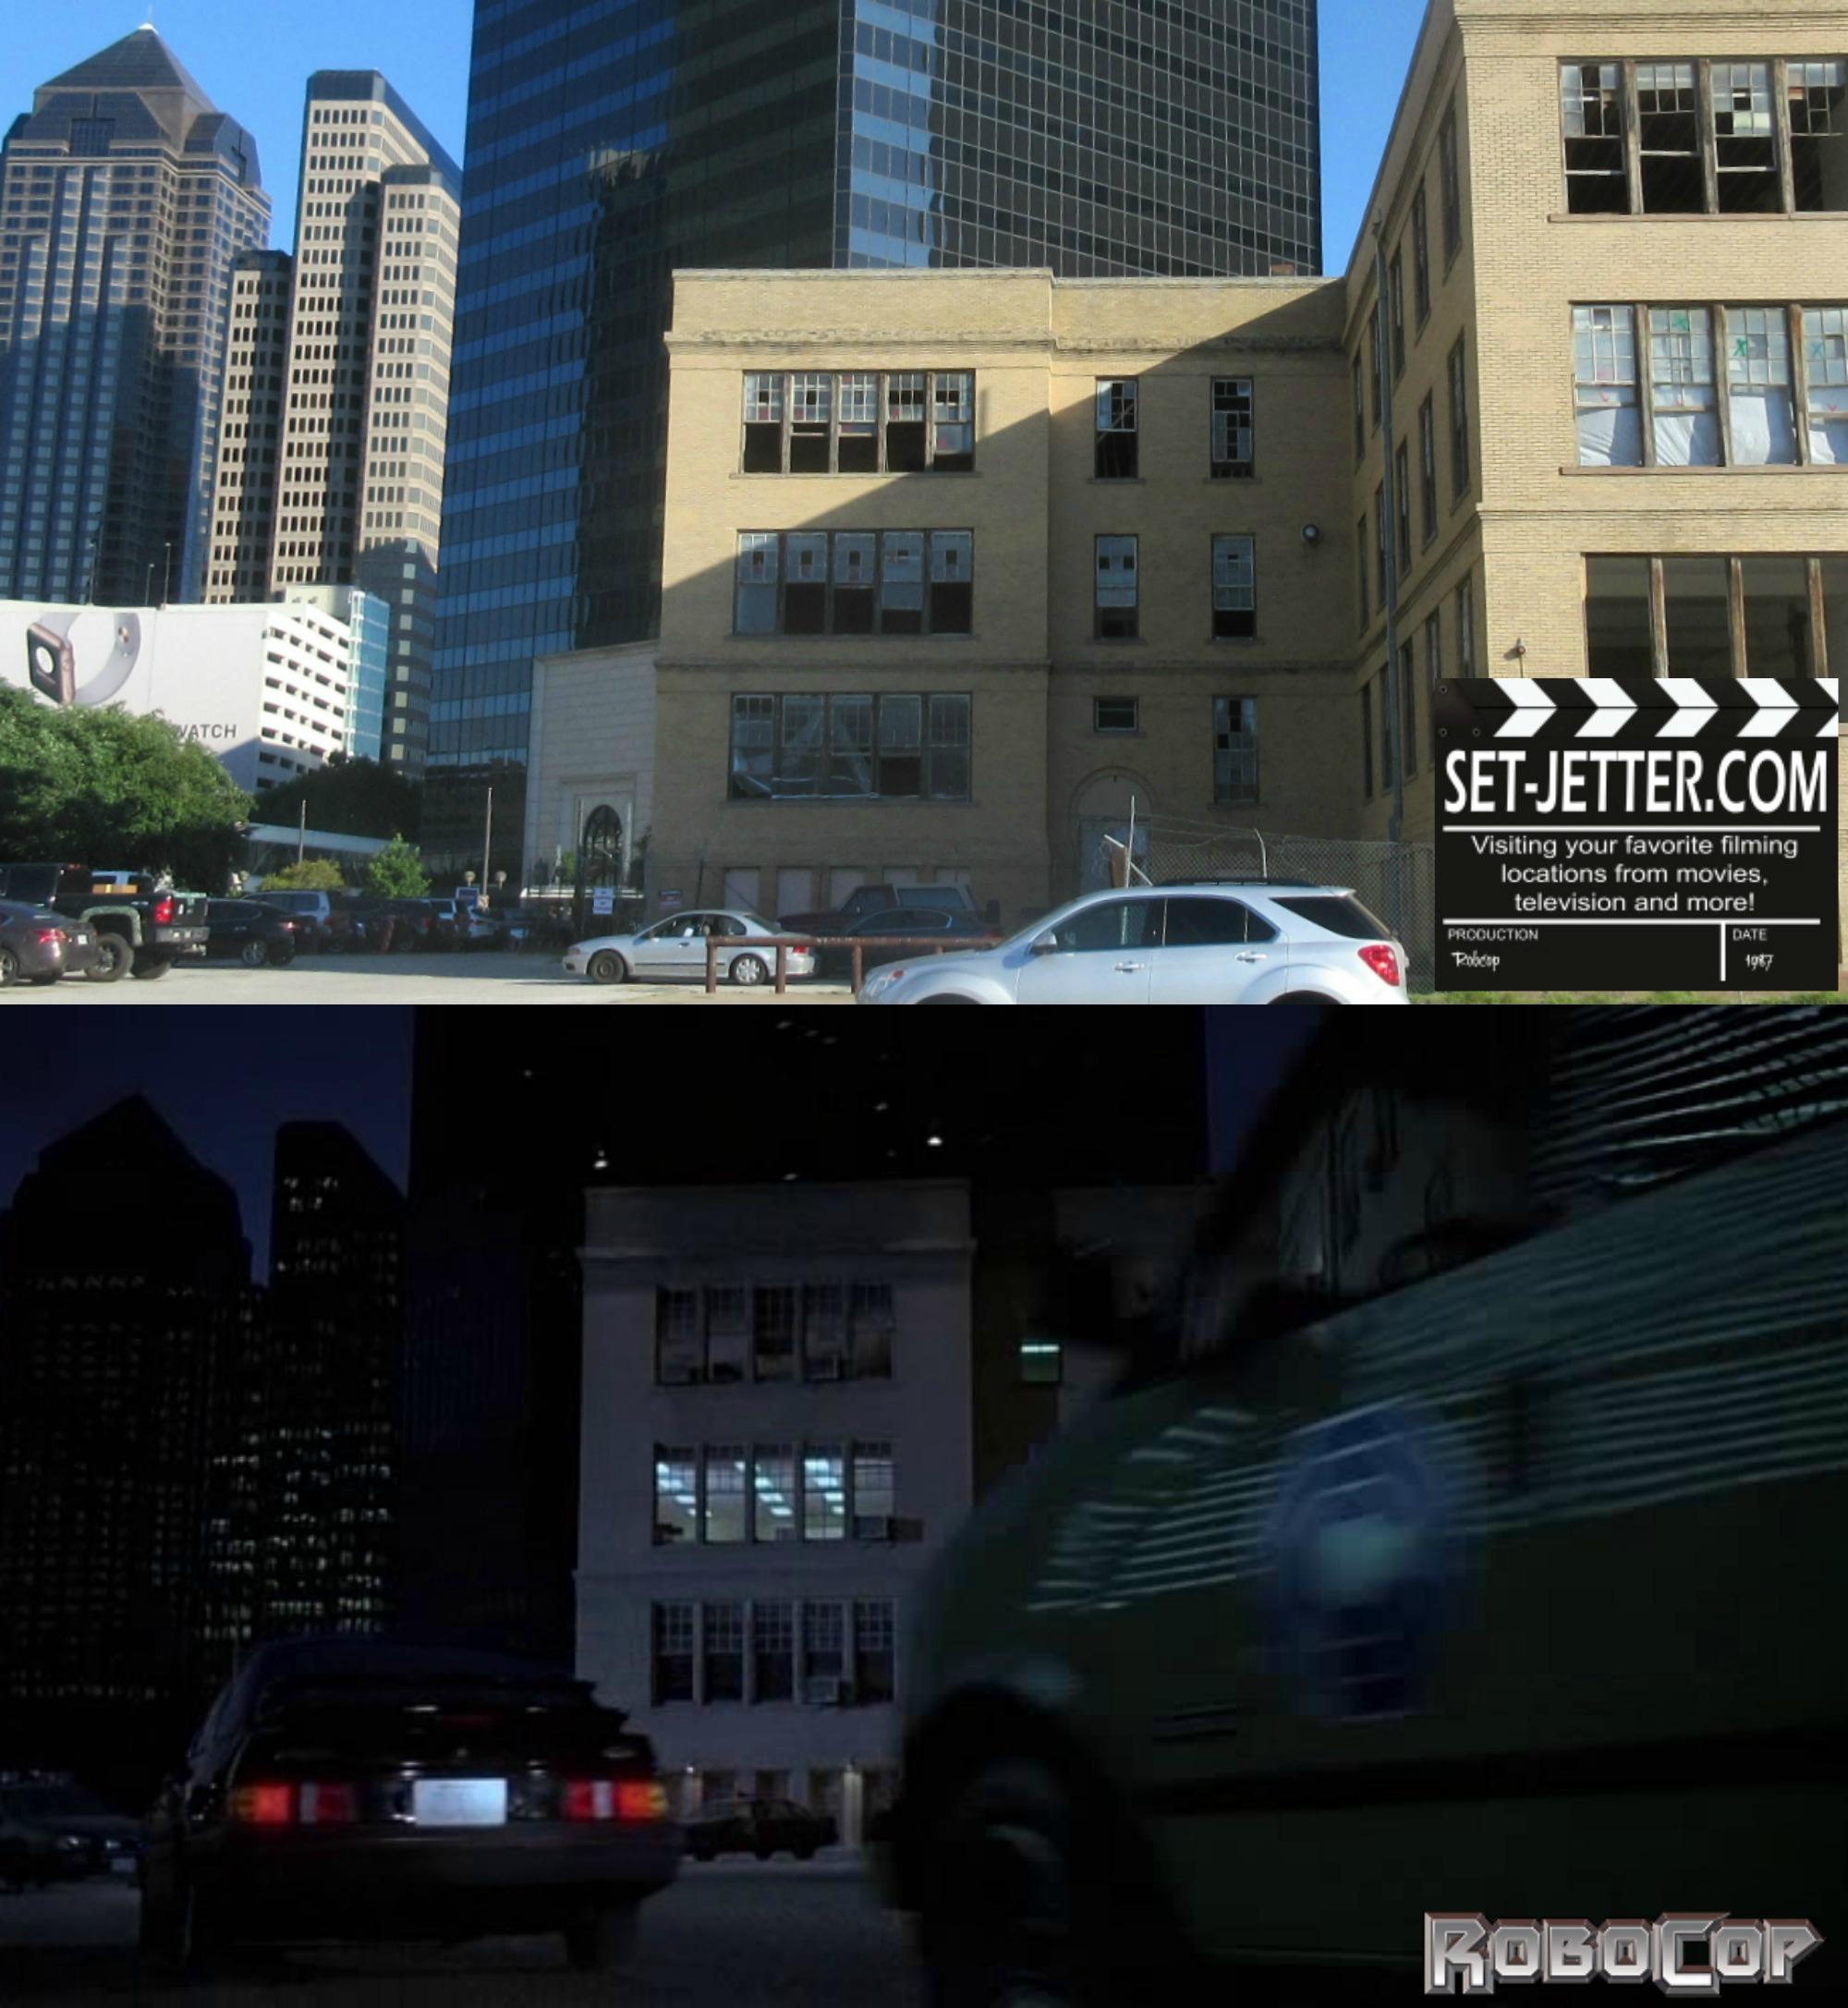 Robocop comparison 06.jpg